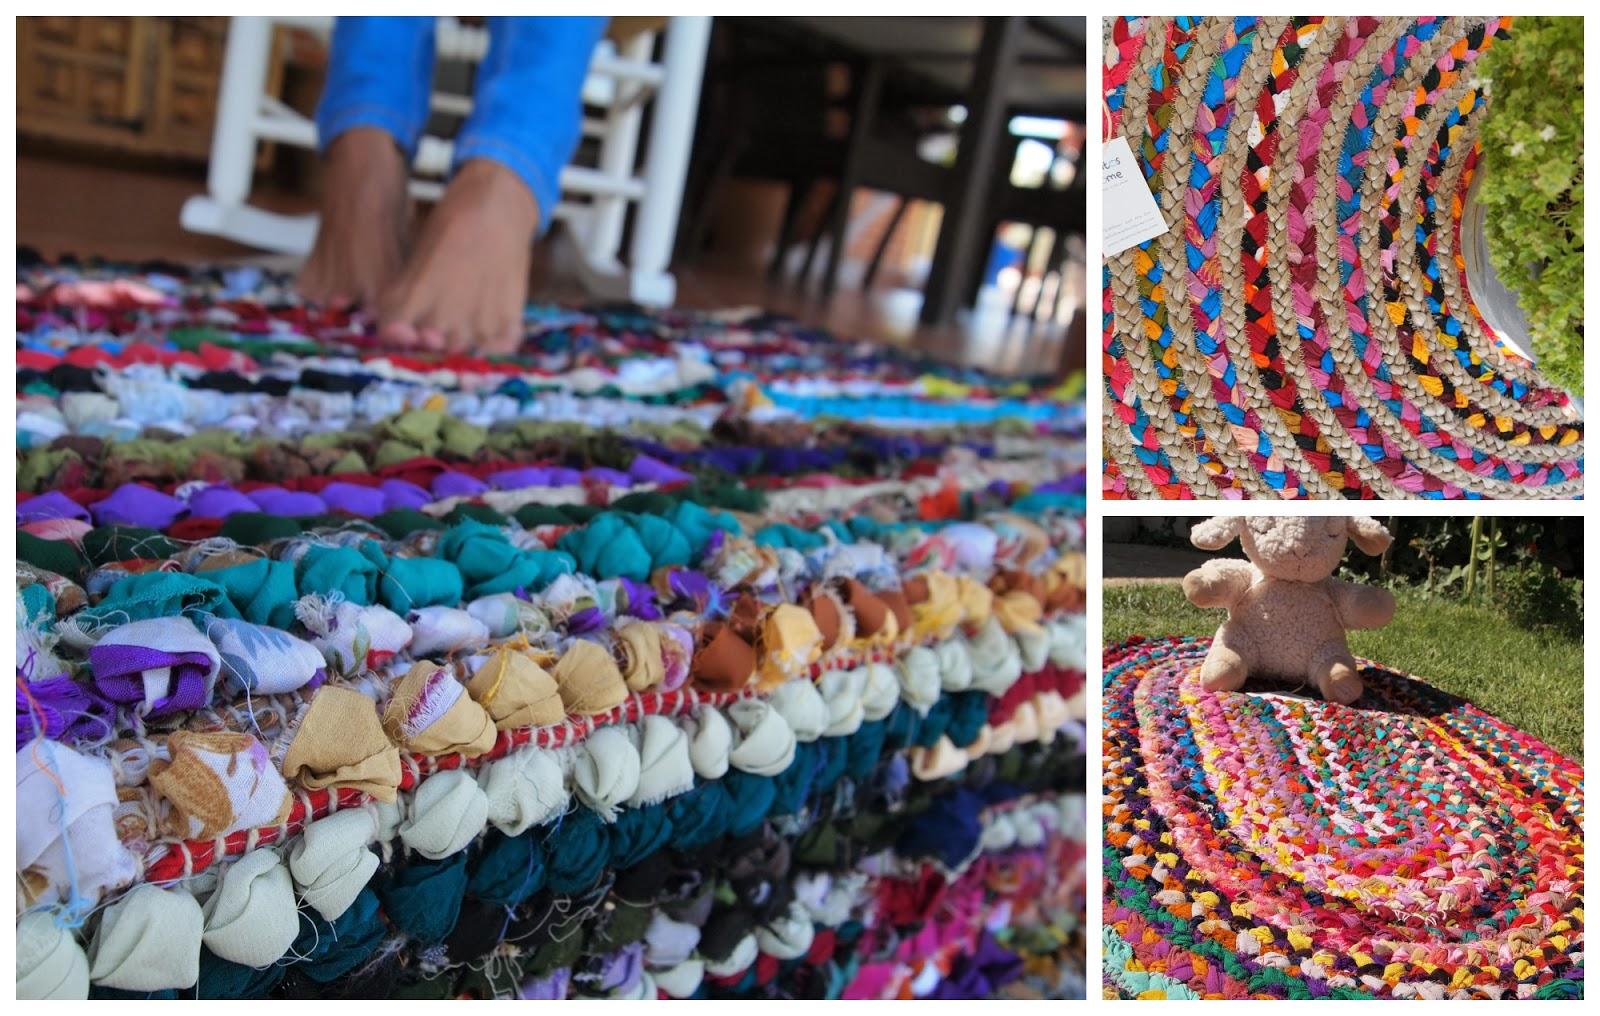 Mimitos Home Alfombras Indias De Telas Y Yute I Dale Color A Cada - Alfombras-colores